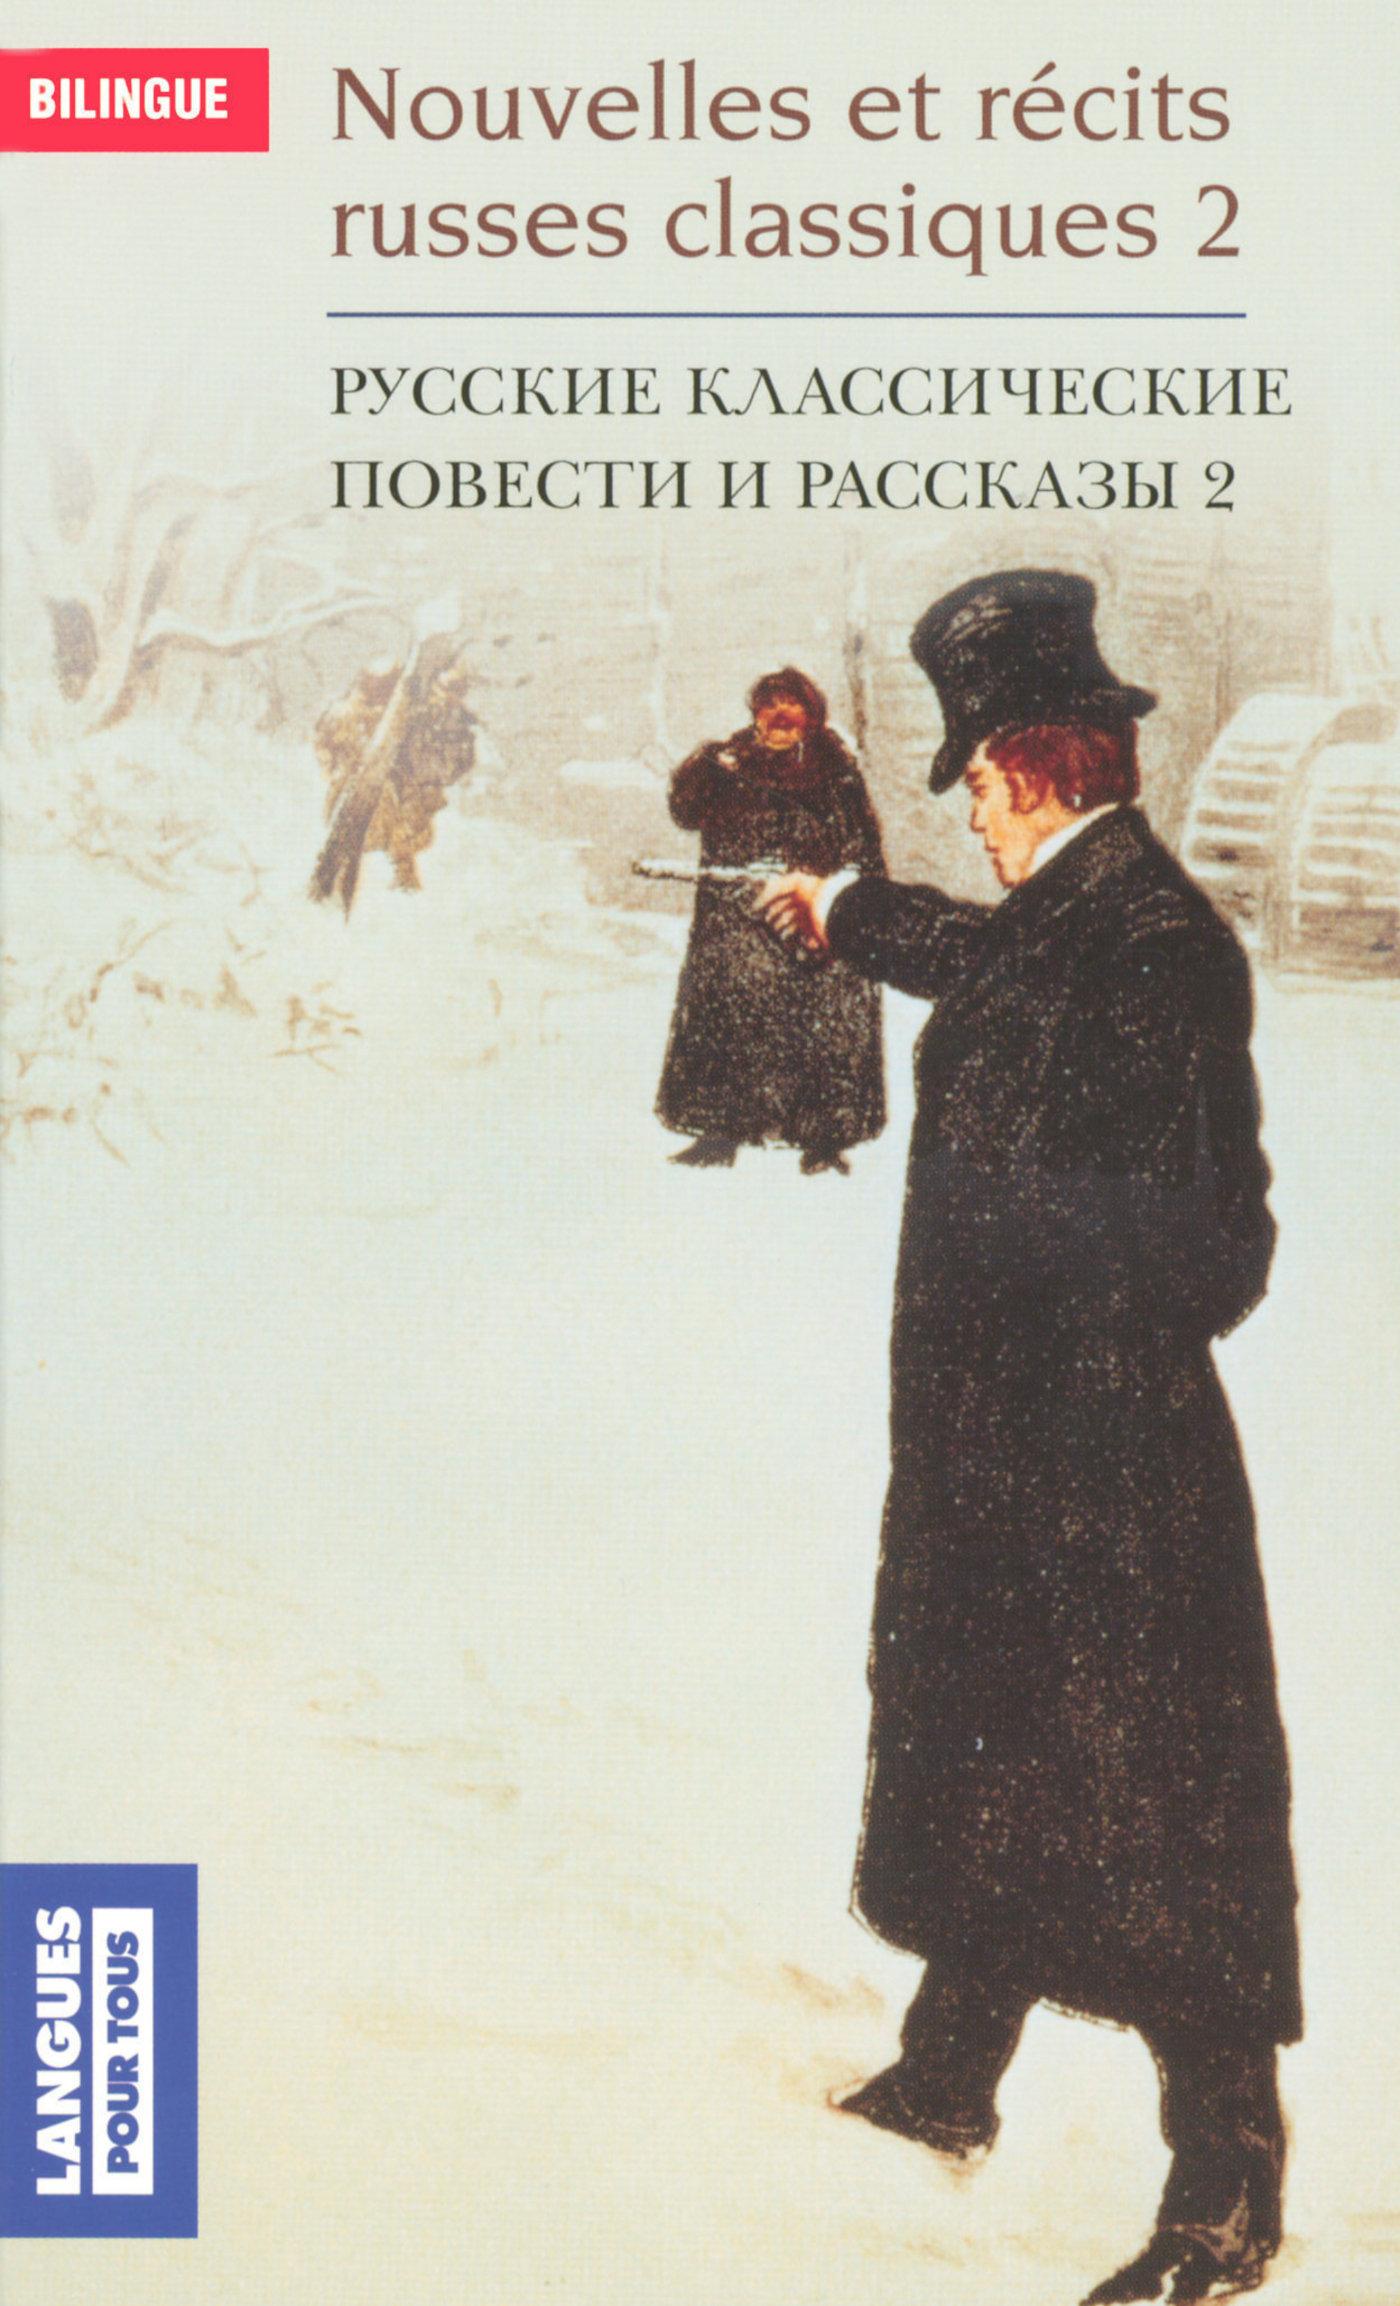 Nouvelles et récits russes classiques 2